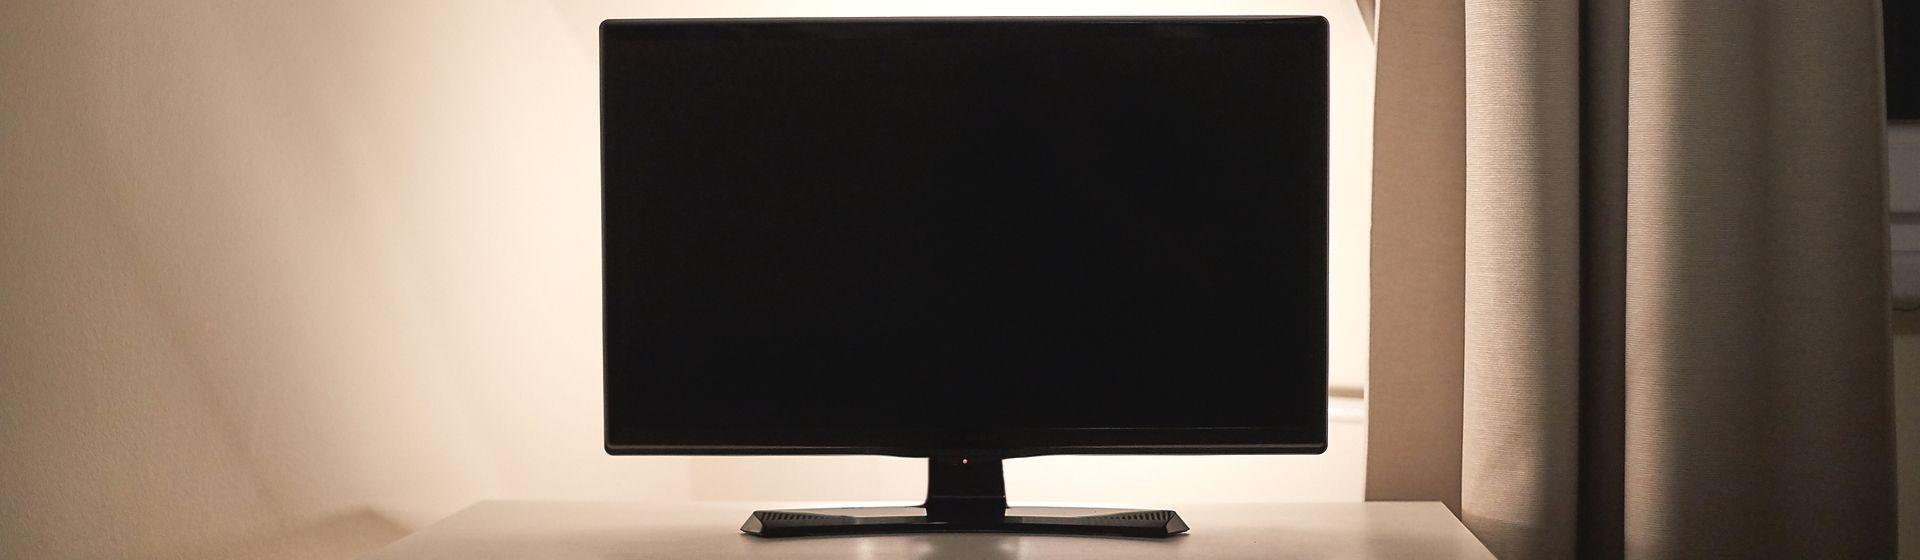 Melhor TV 24 polegadas: veja a lista